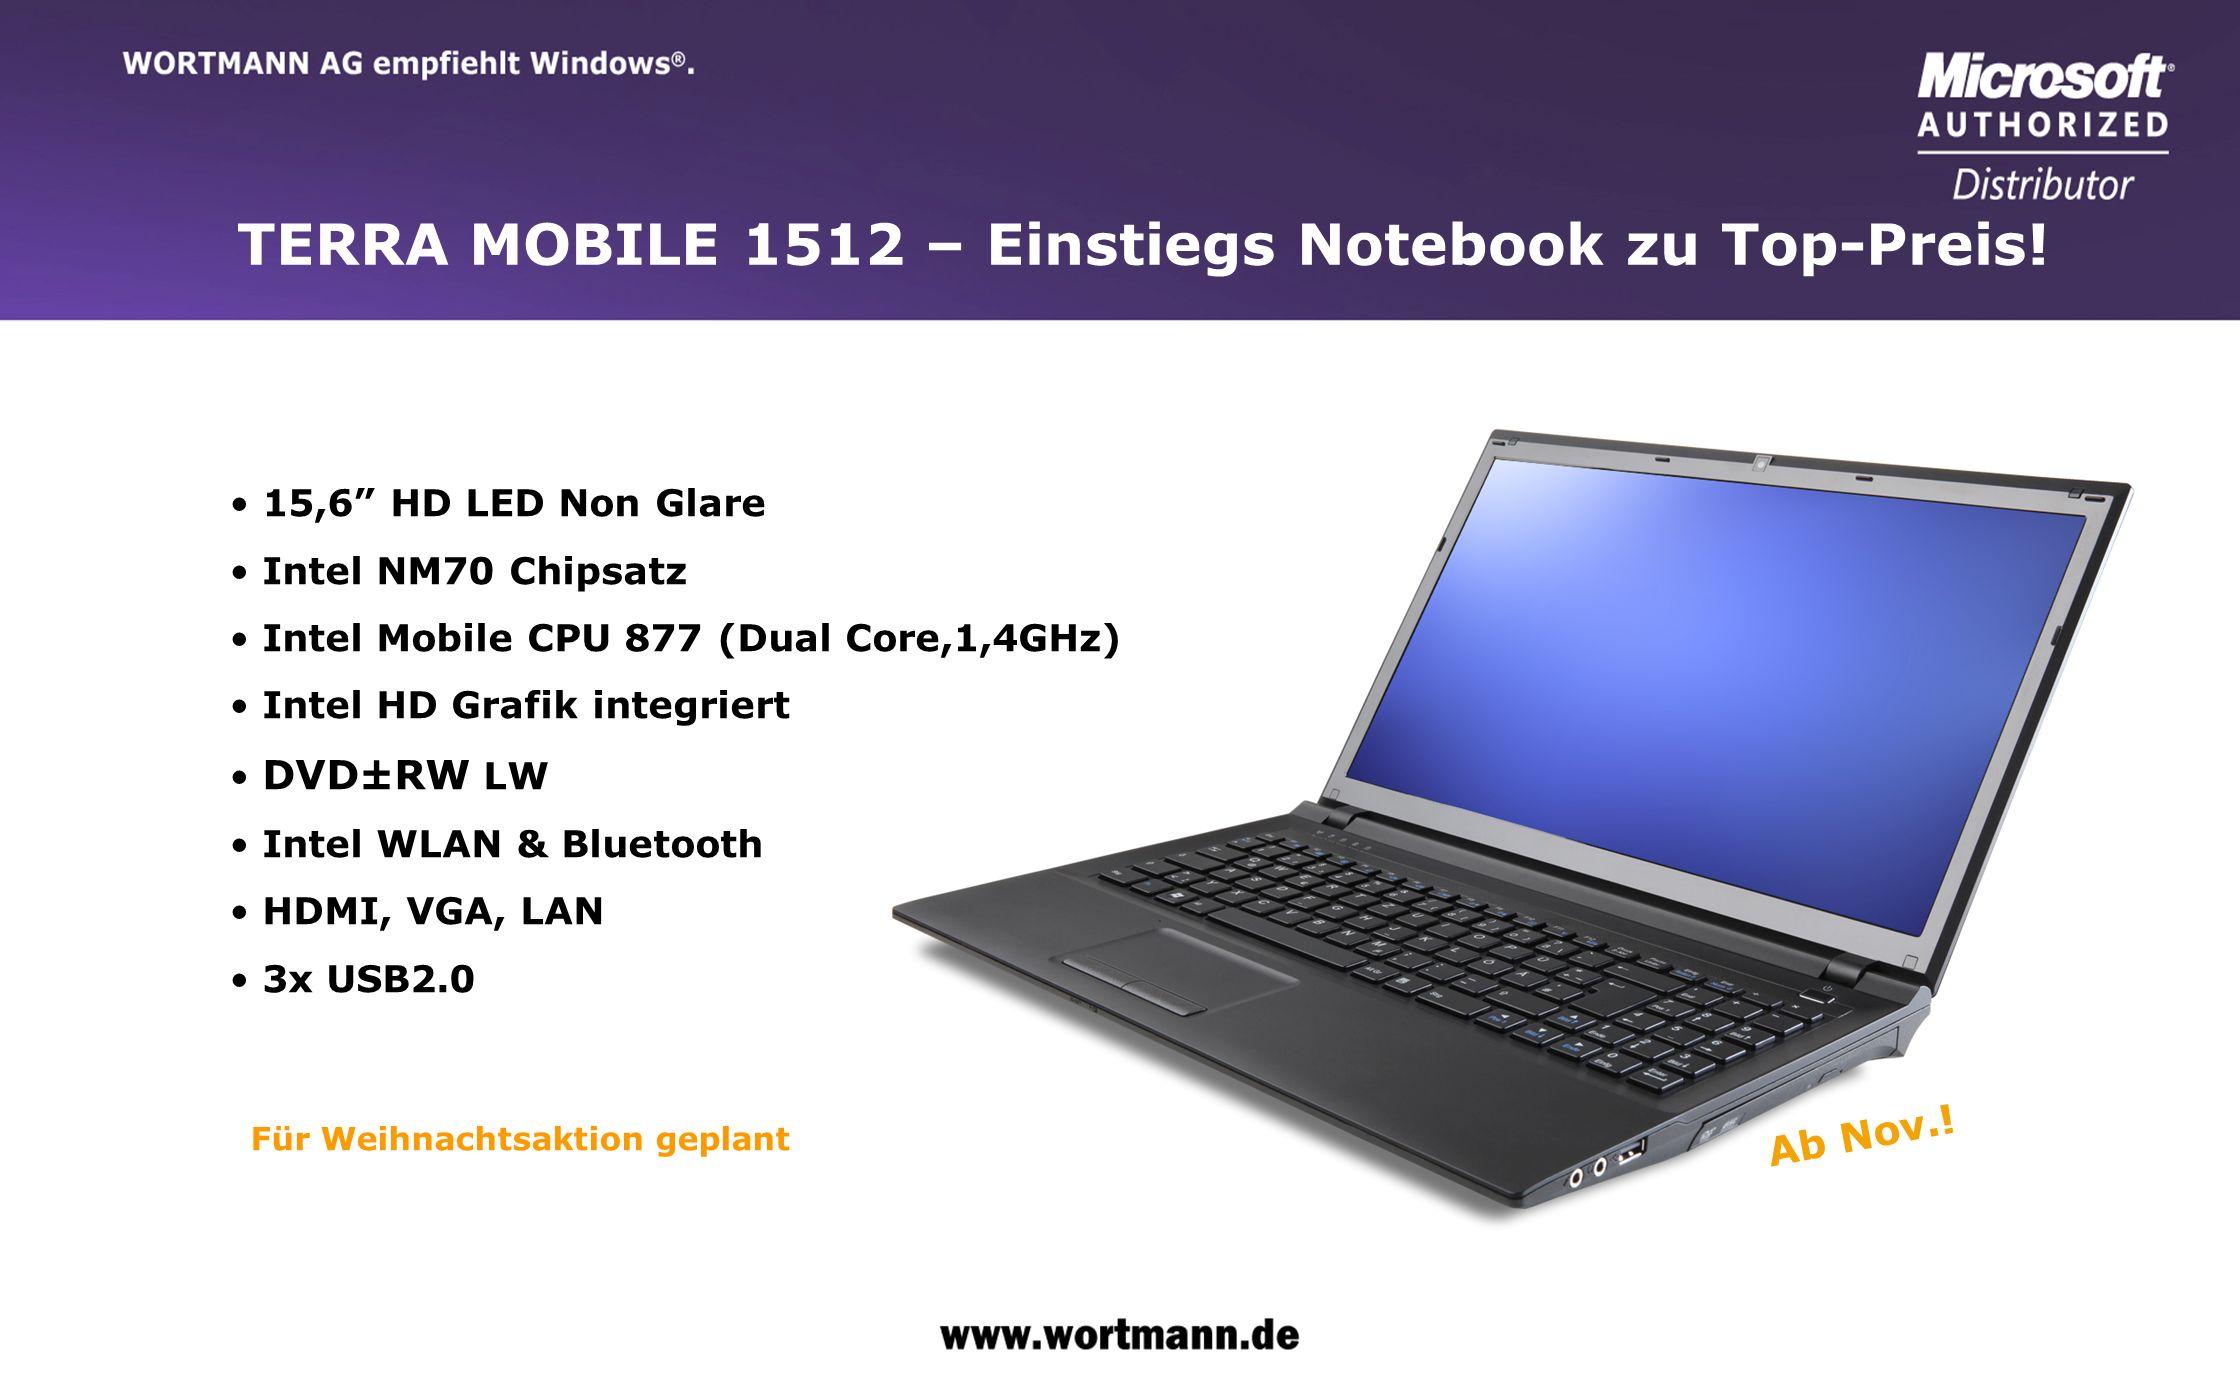 TERRA MOBILE 1512 – Einstiegs Notebook zu Top-Preis!